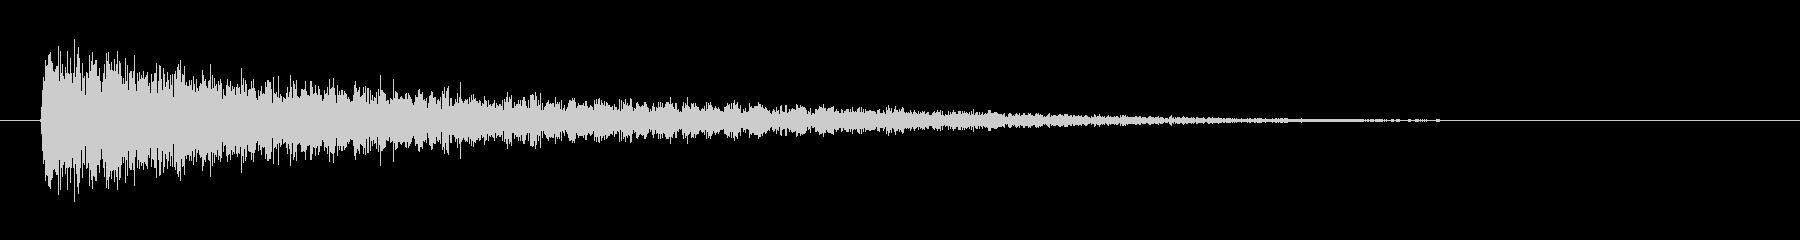 ピアノ効果音 低めのガーン ショックの未再生の波形